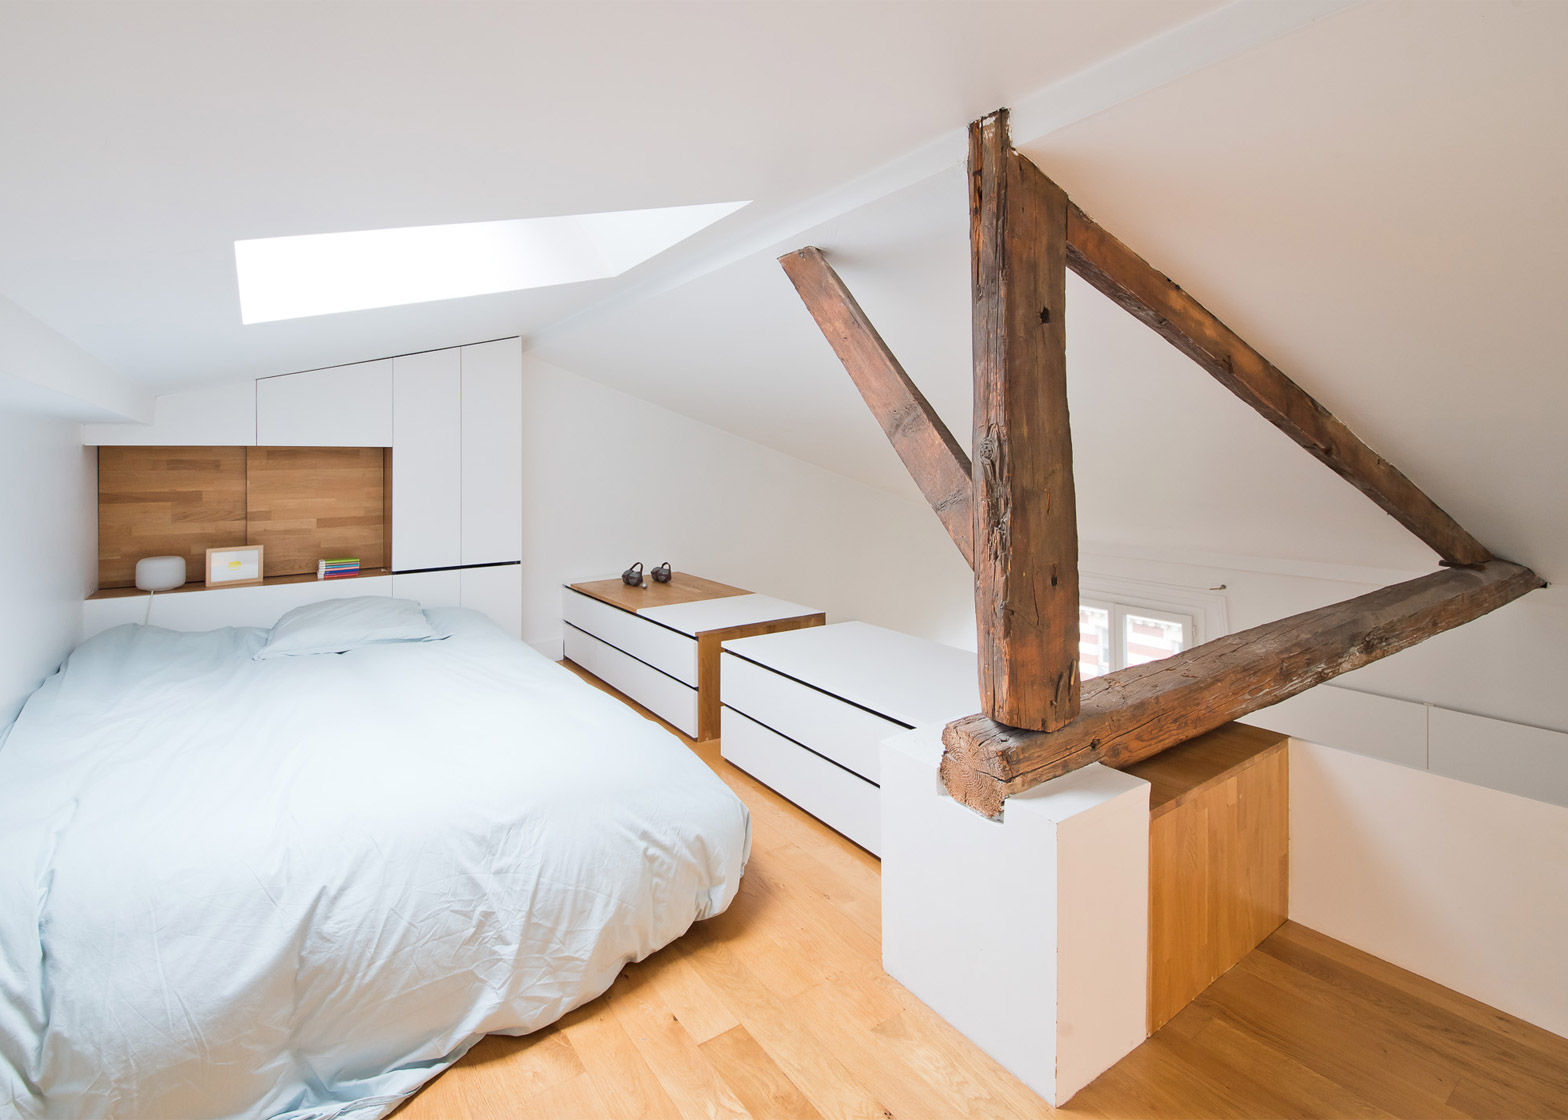 Mobili e armadi nella camera da letto in mansarda for Wohnideen design